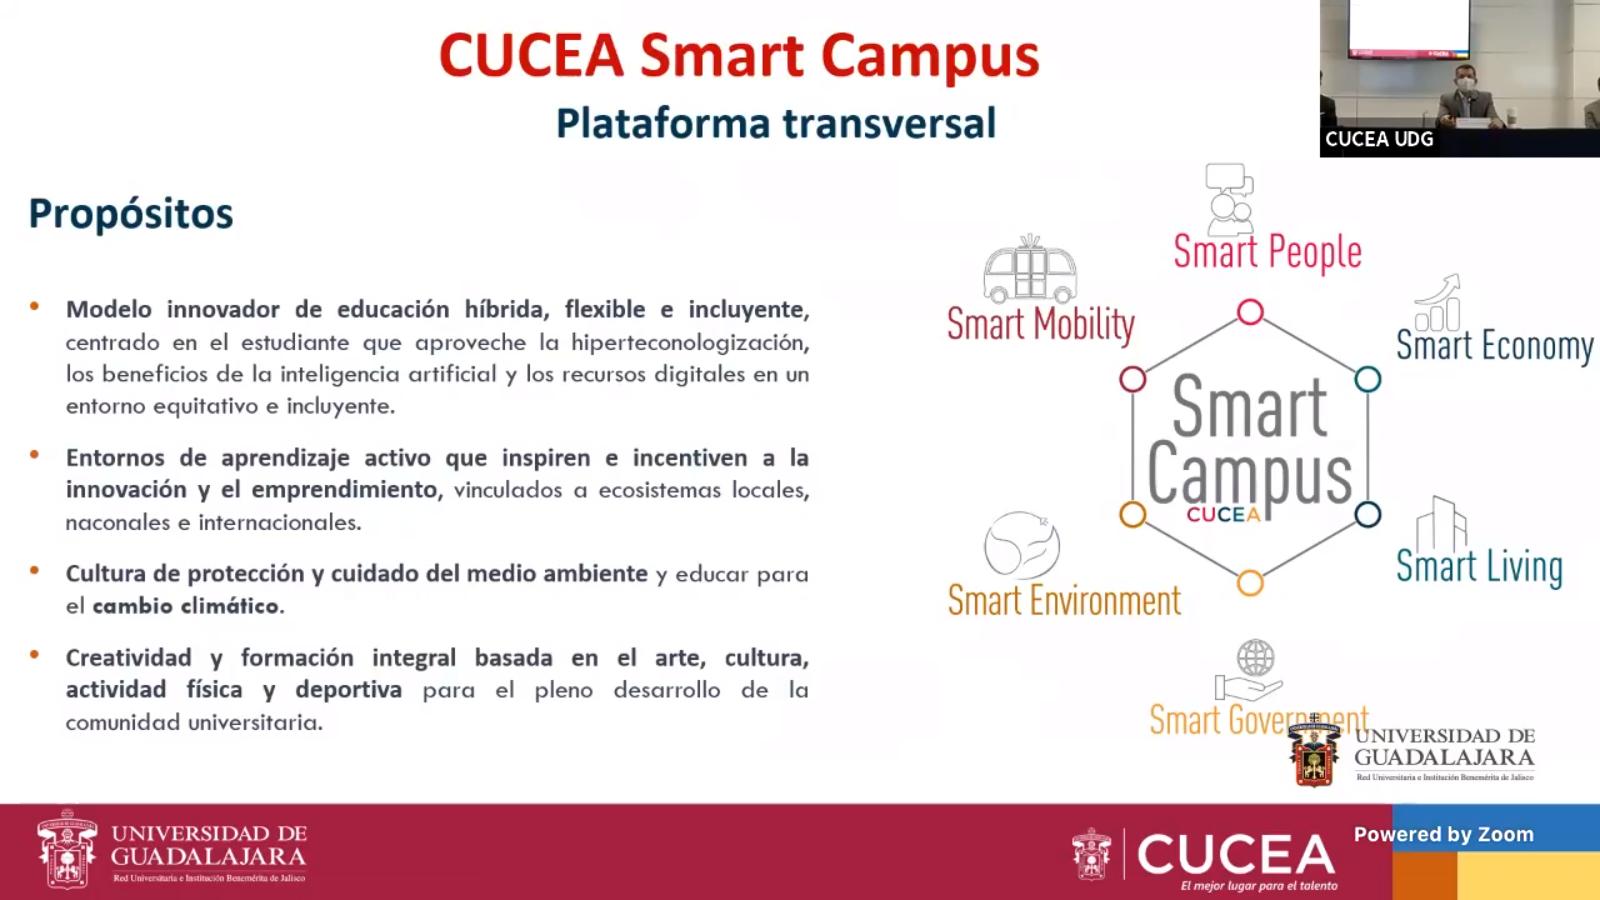 Docentes del campus rediseñan cursos con más demanda para lograr mejores experiencias educativas, en plataforma multimodal e incluyente